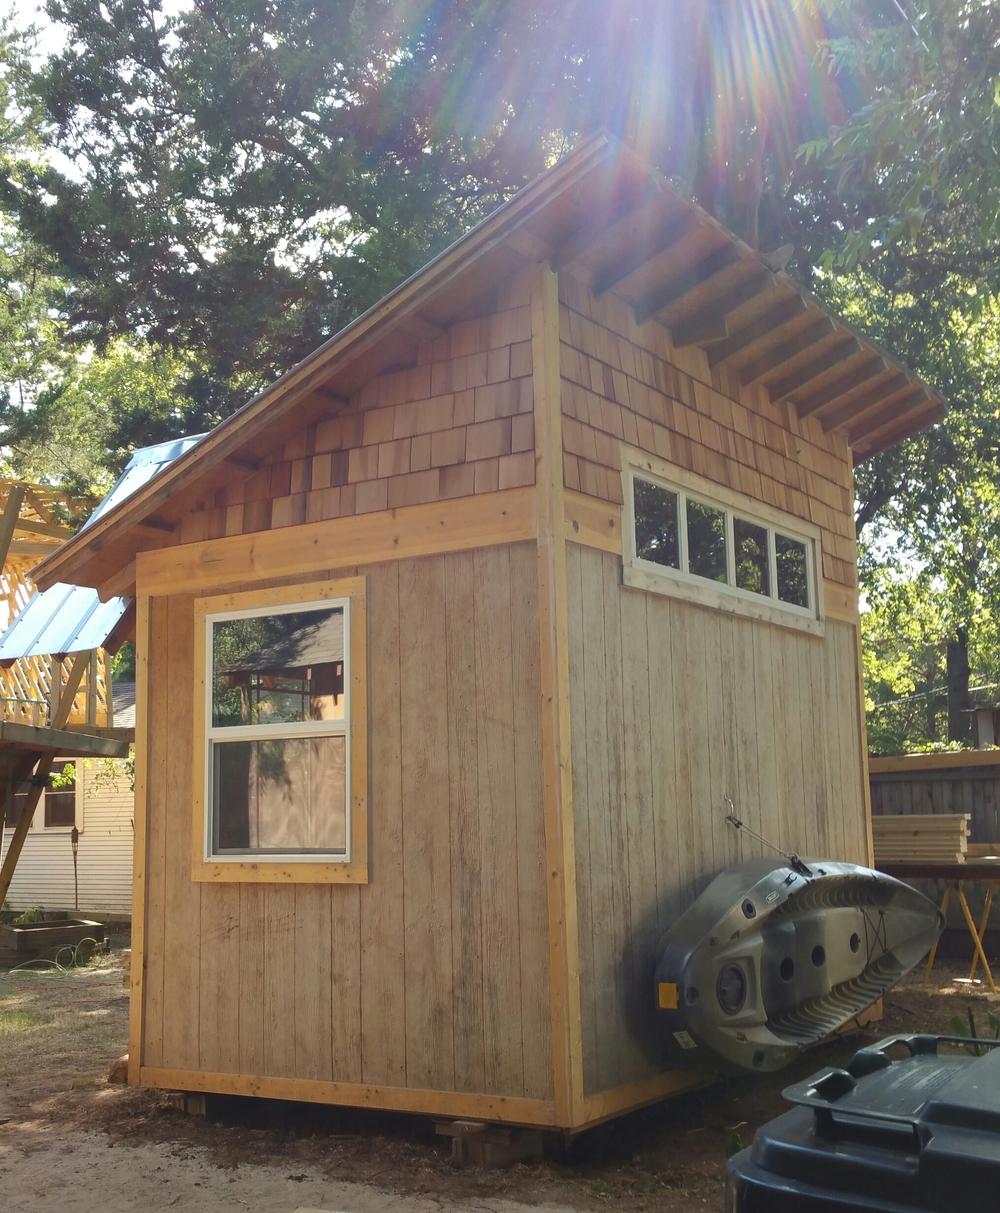 k shed - 084.jpg